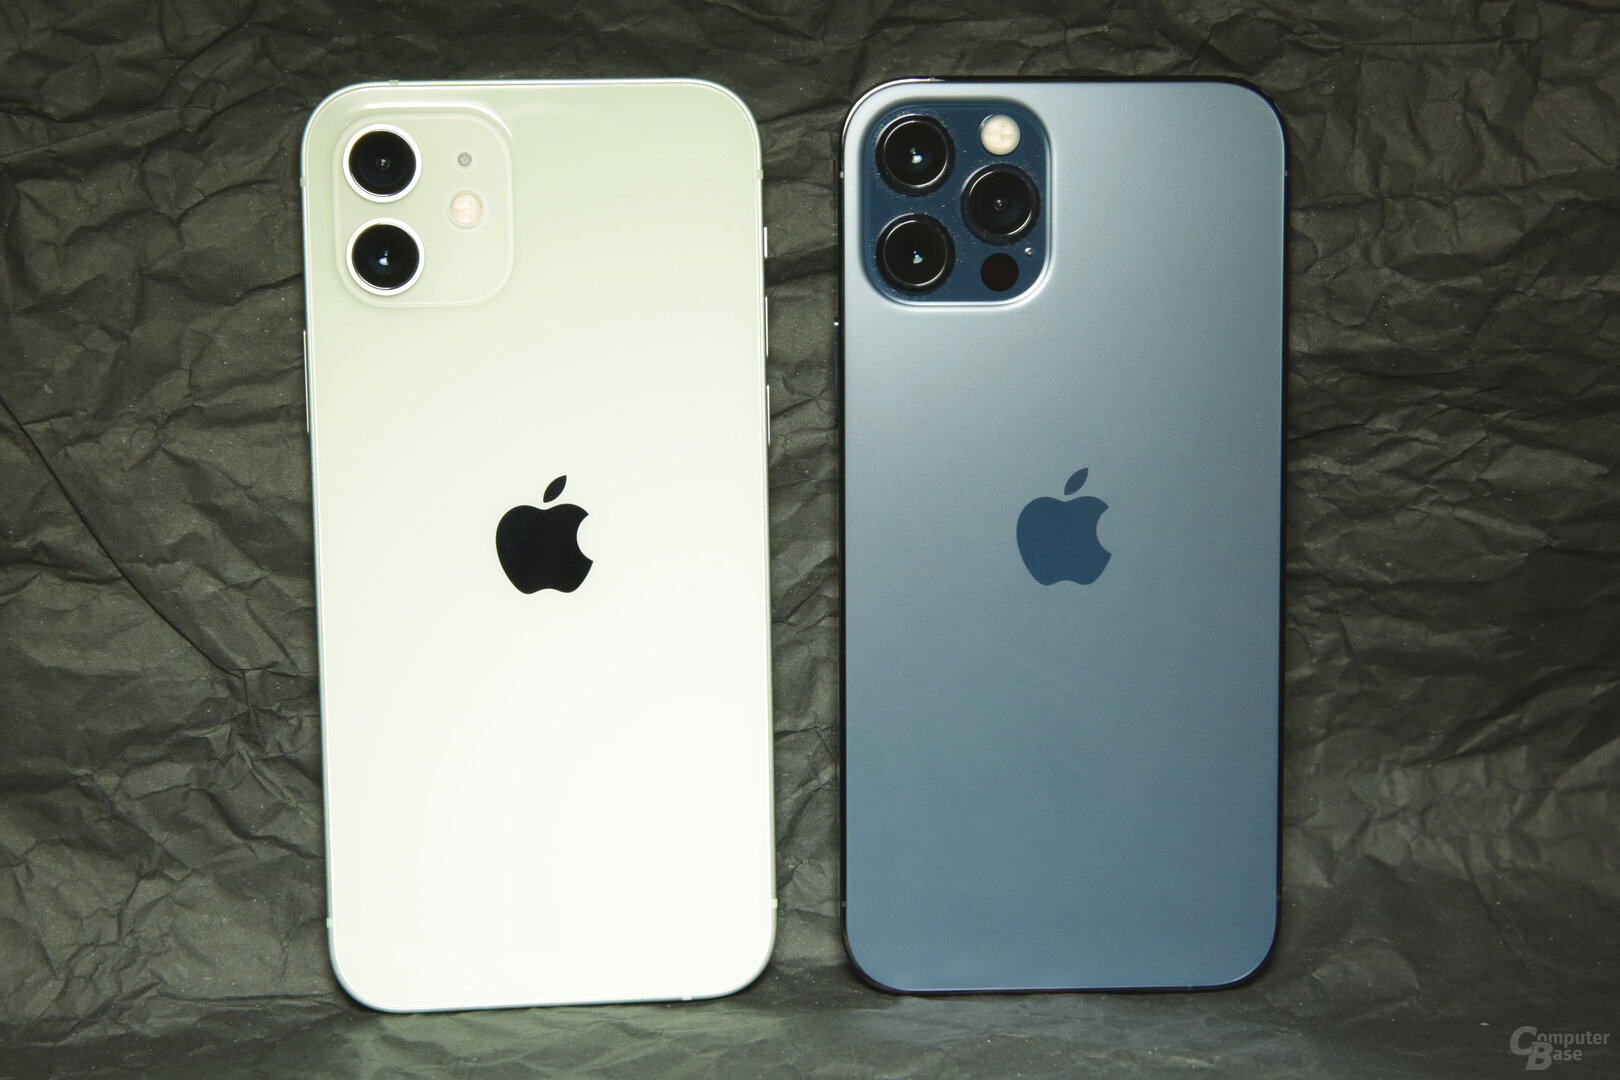 iPhone 12 in Hellgrün und neues Blau beim iPhone 12 Pro